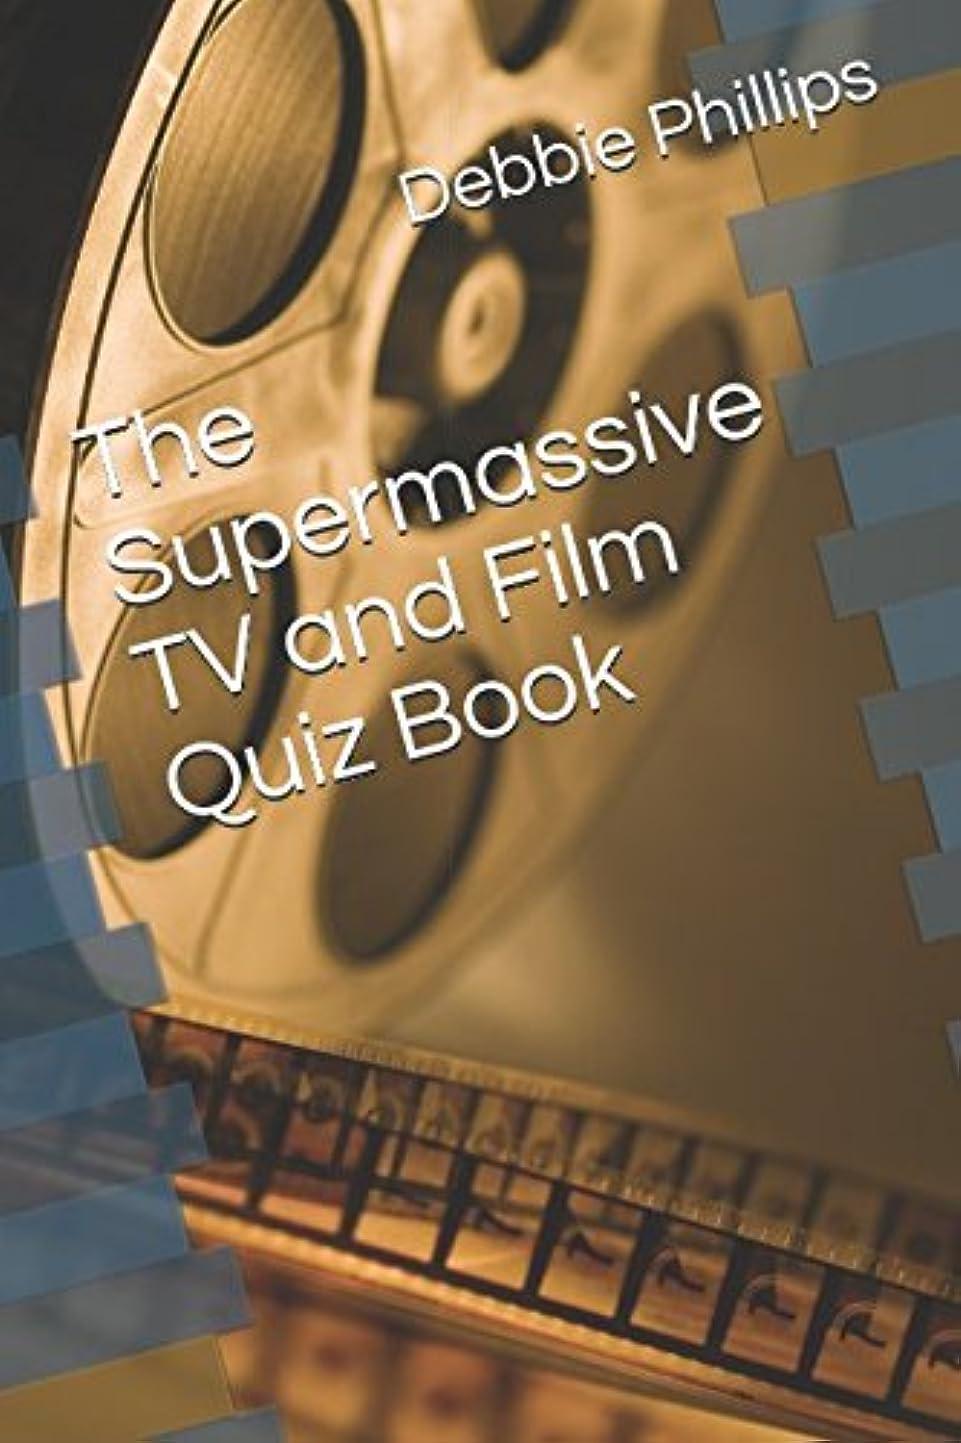 ネックレス葉っぱファッションThe Supermassive TV and Film Quiz Book